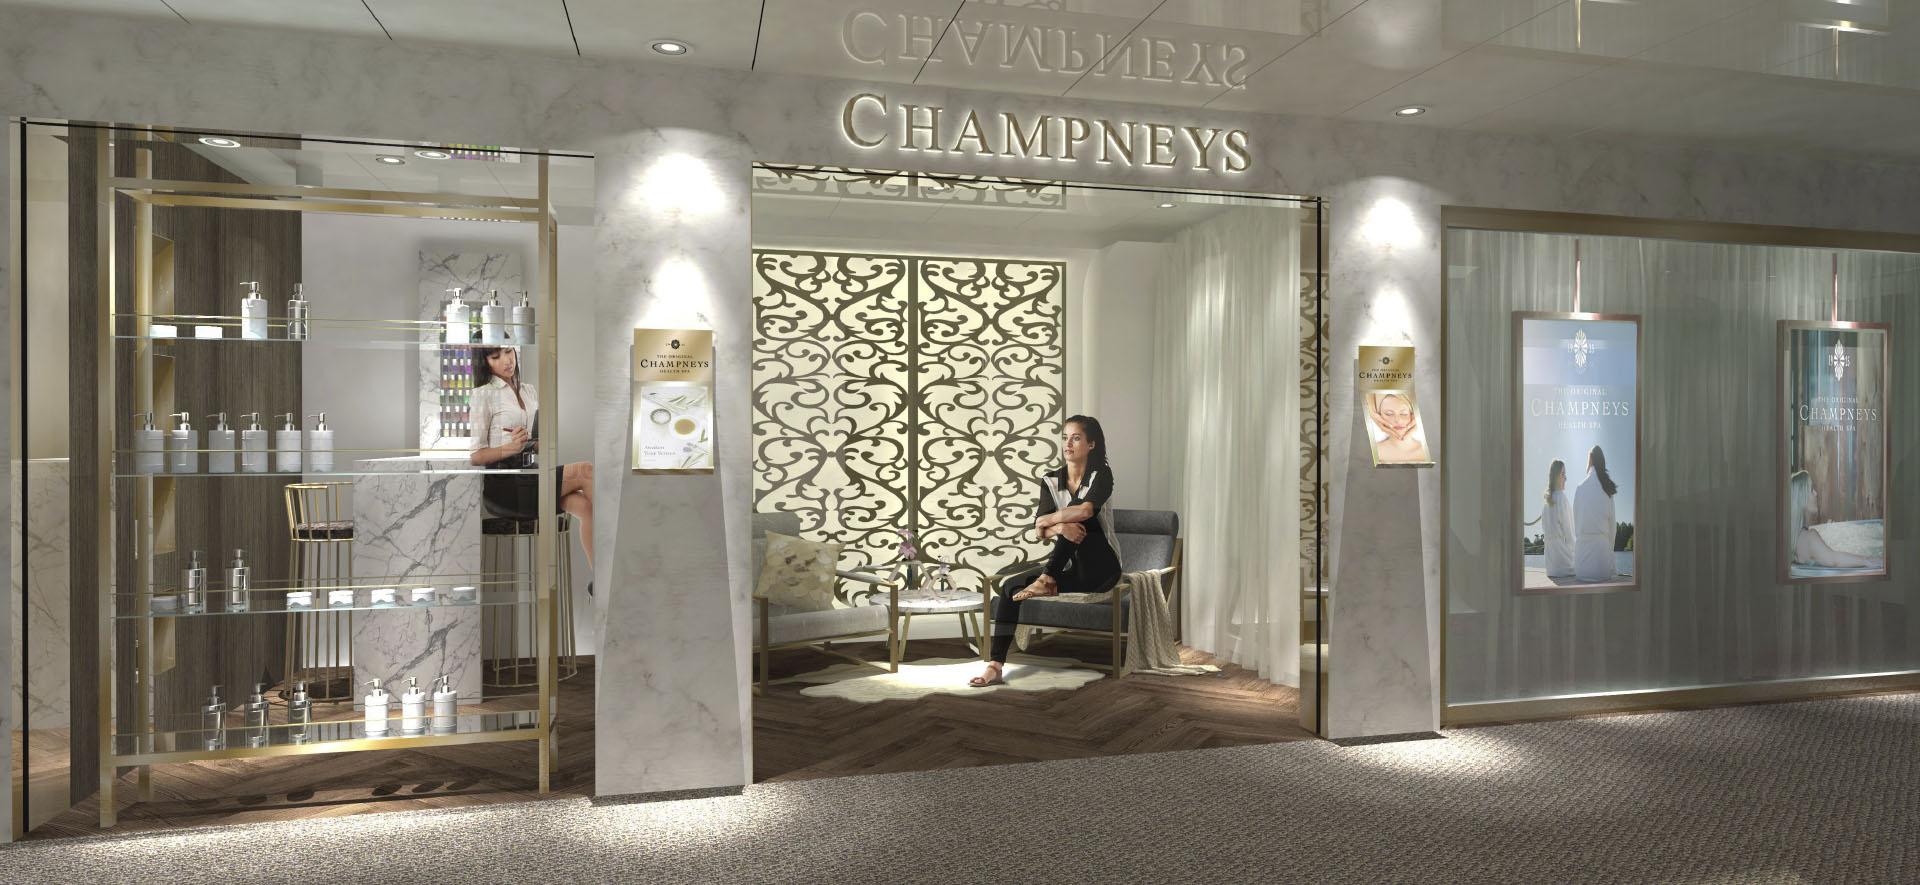 Tui-cruises-Marella-Champneys-on-board-spa-interior-design